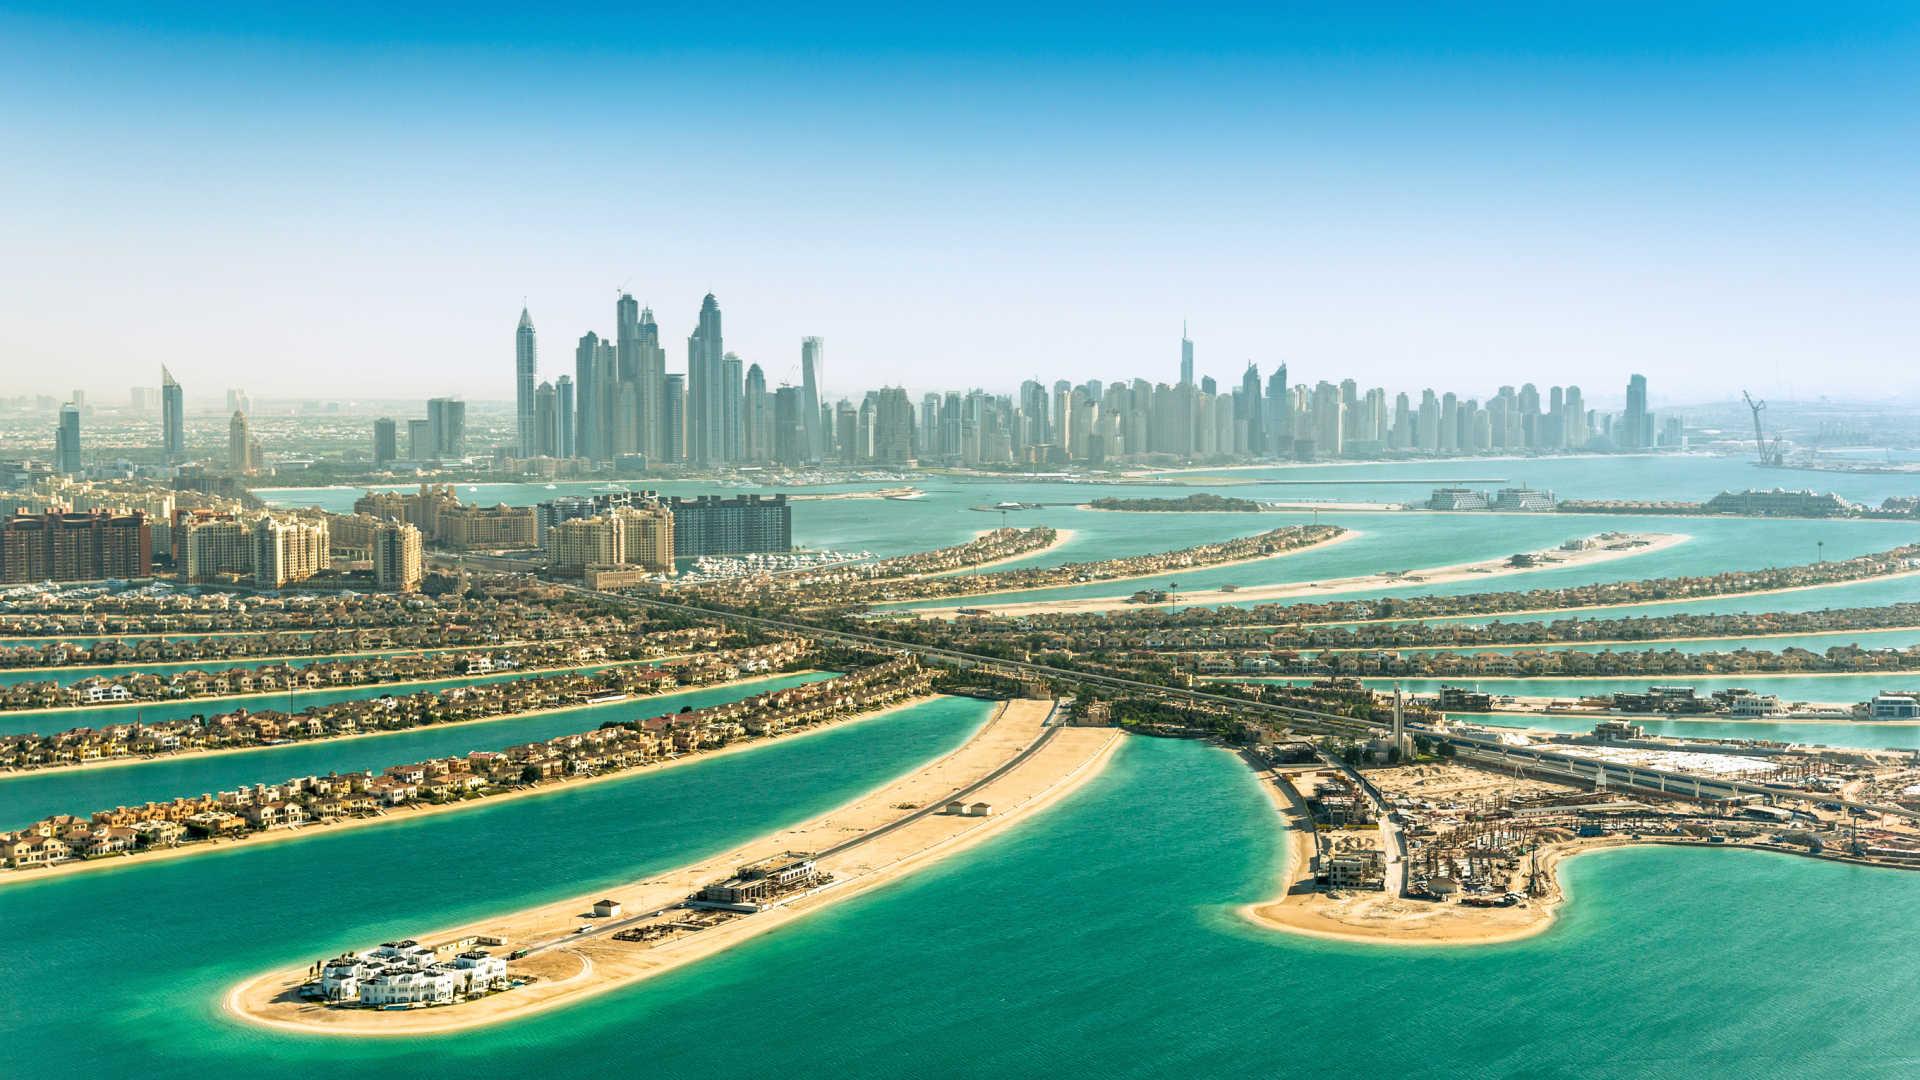 Vista aerea de la palmera de Dubai en los Emiratos Árabes Unidos